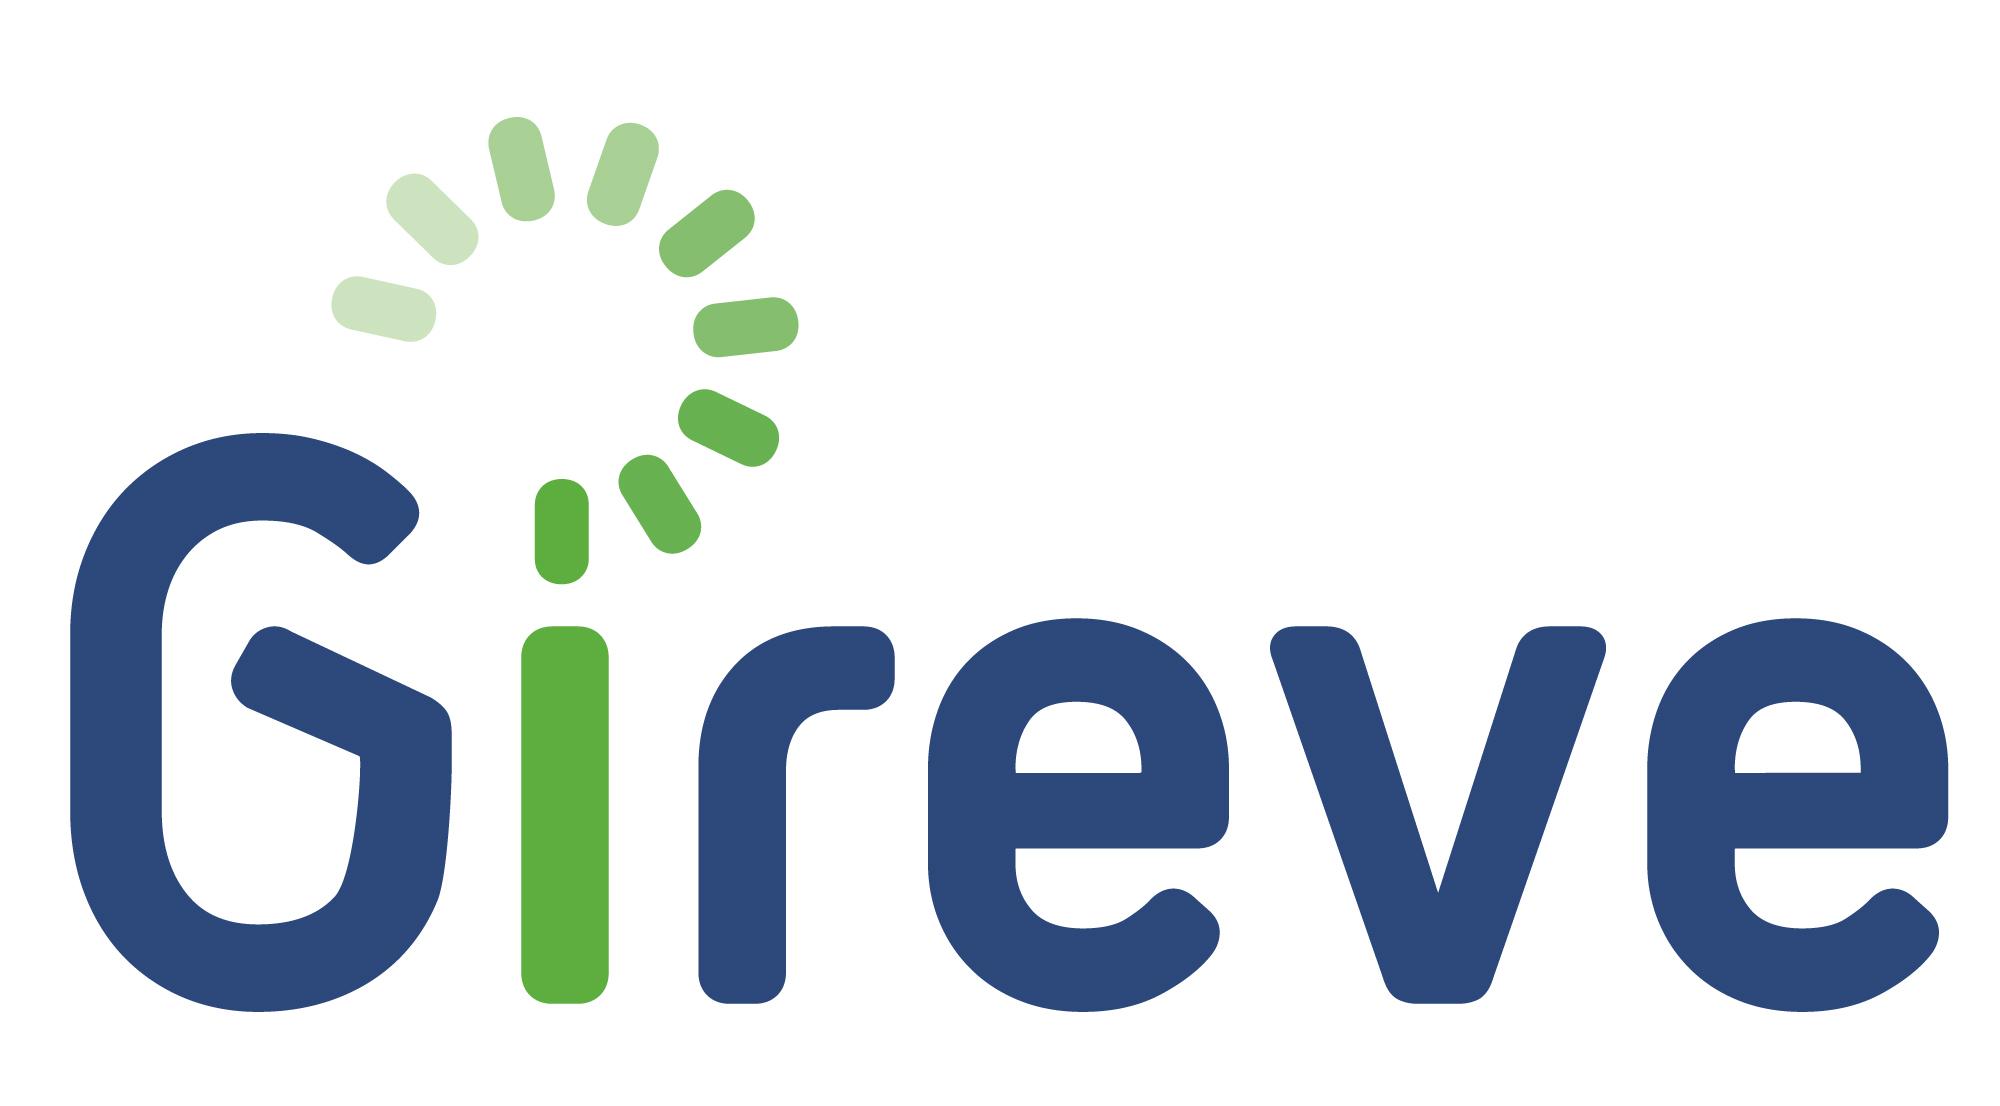 Gireve, France Logo